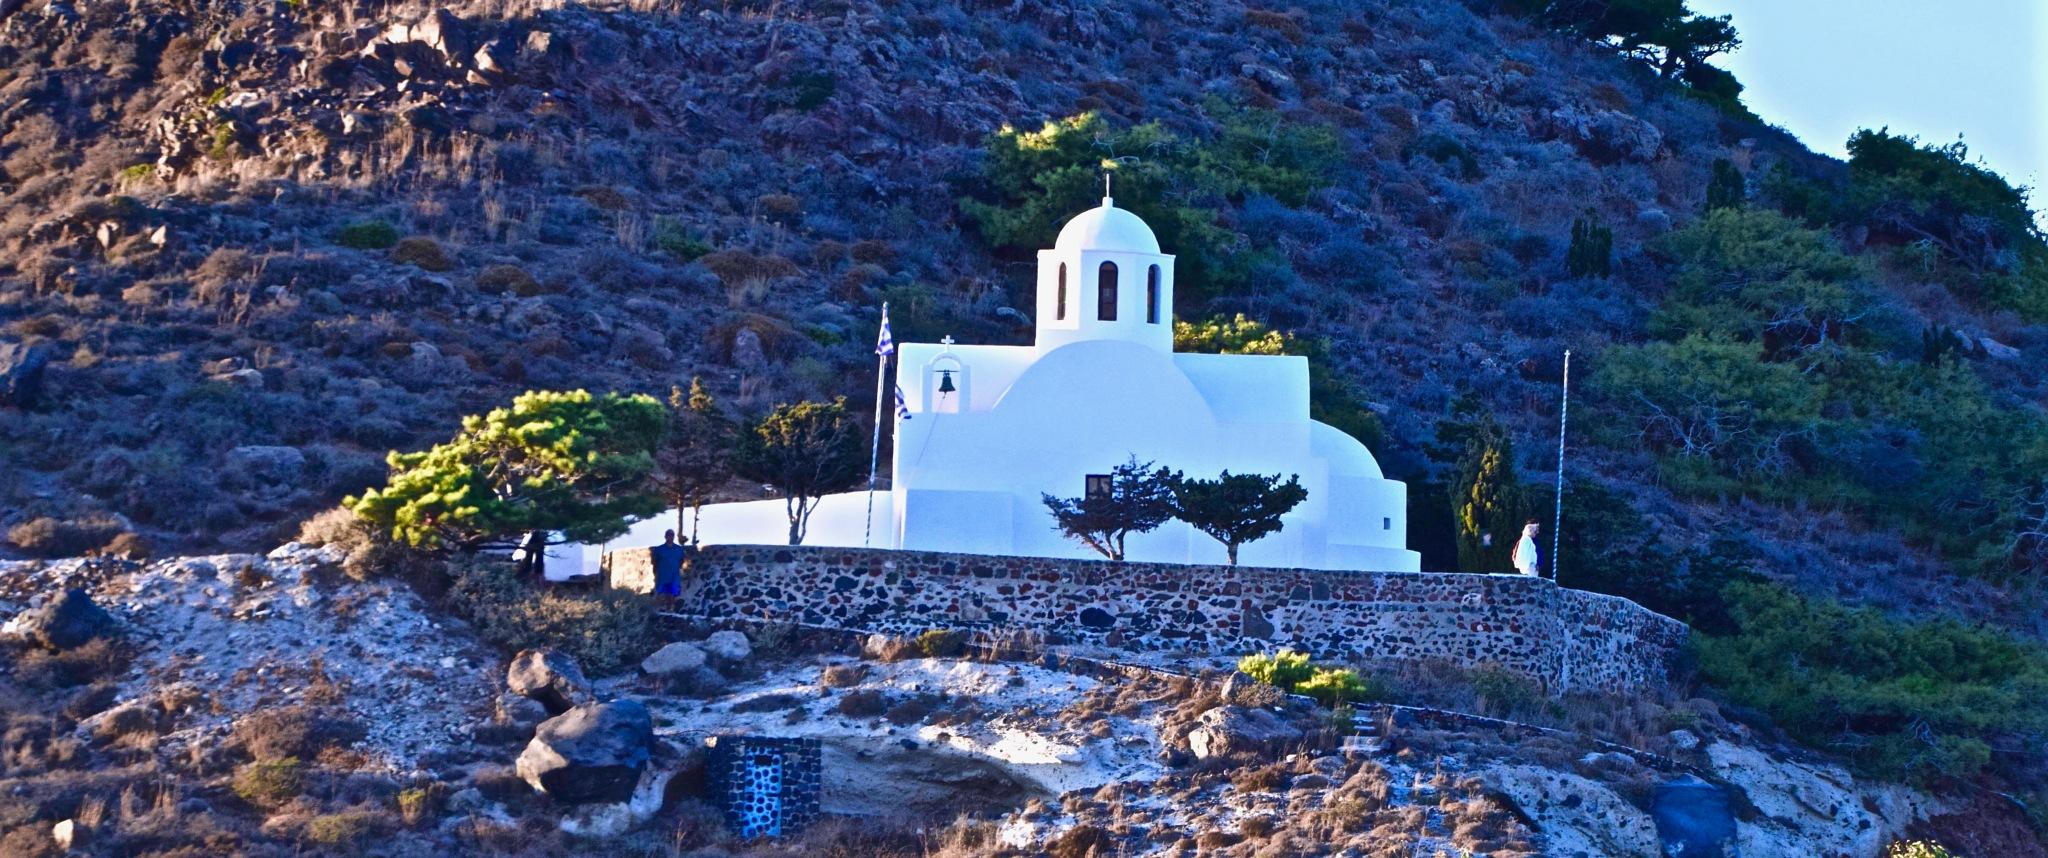 GREEK ORTHODOX CHURCH by Aca Markovic